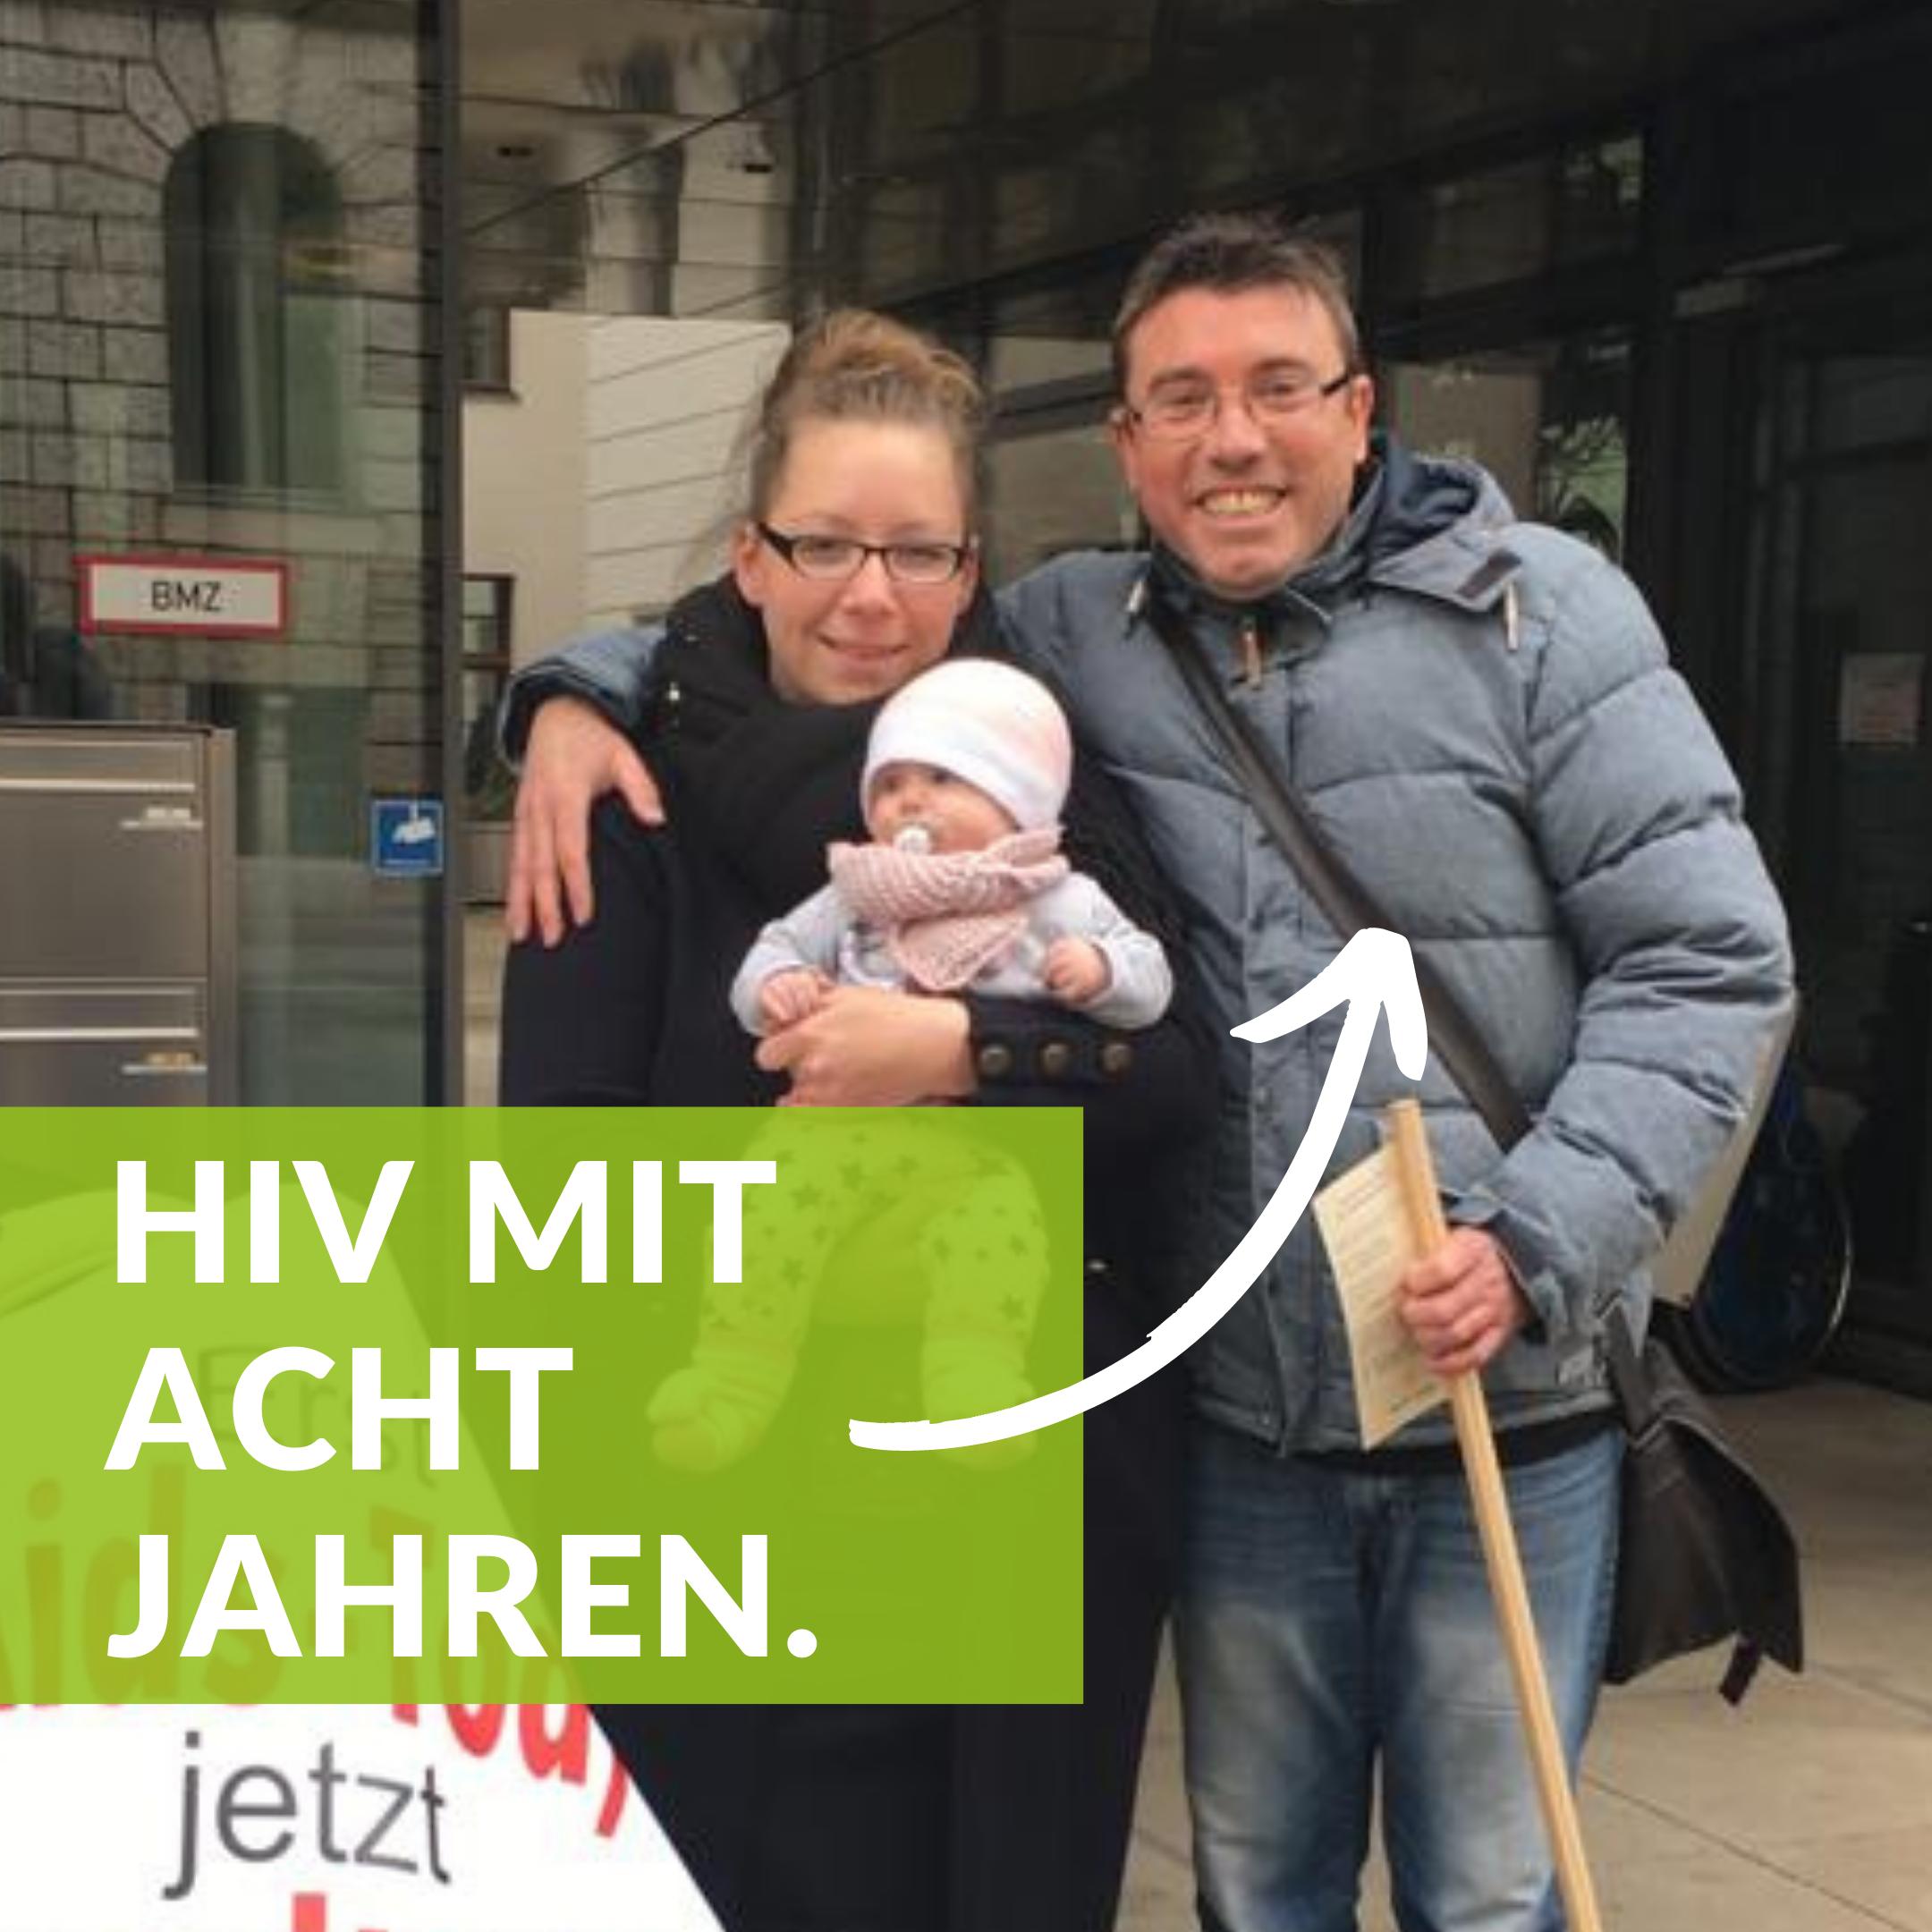 Michael: HIV mit acht Jahren